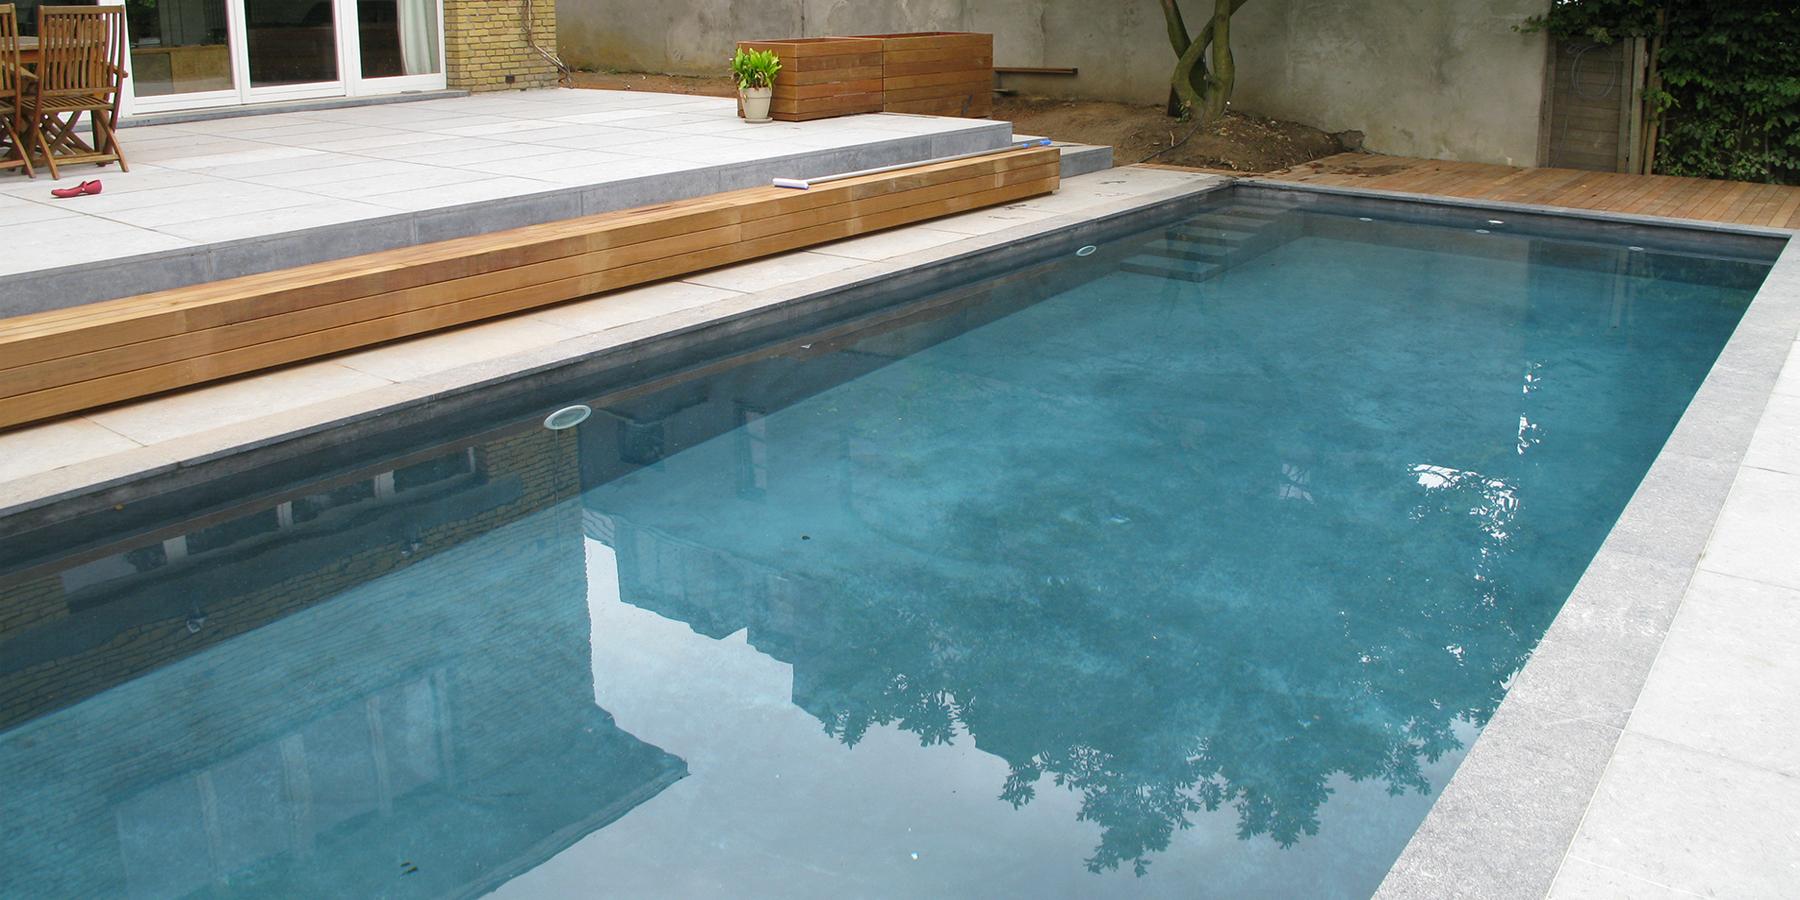 Piscine rectangle atypique sprl for Constructeur piscine belgique